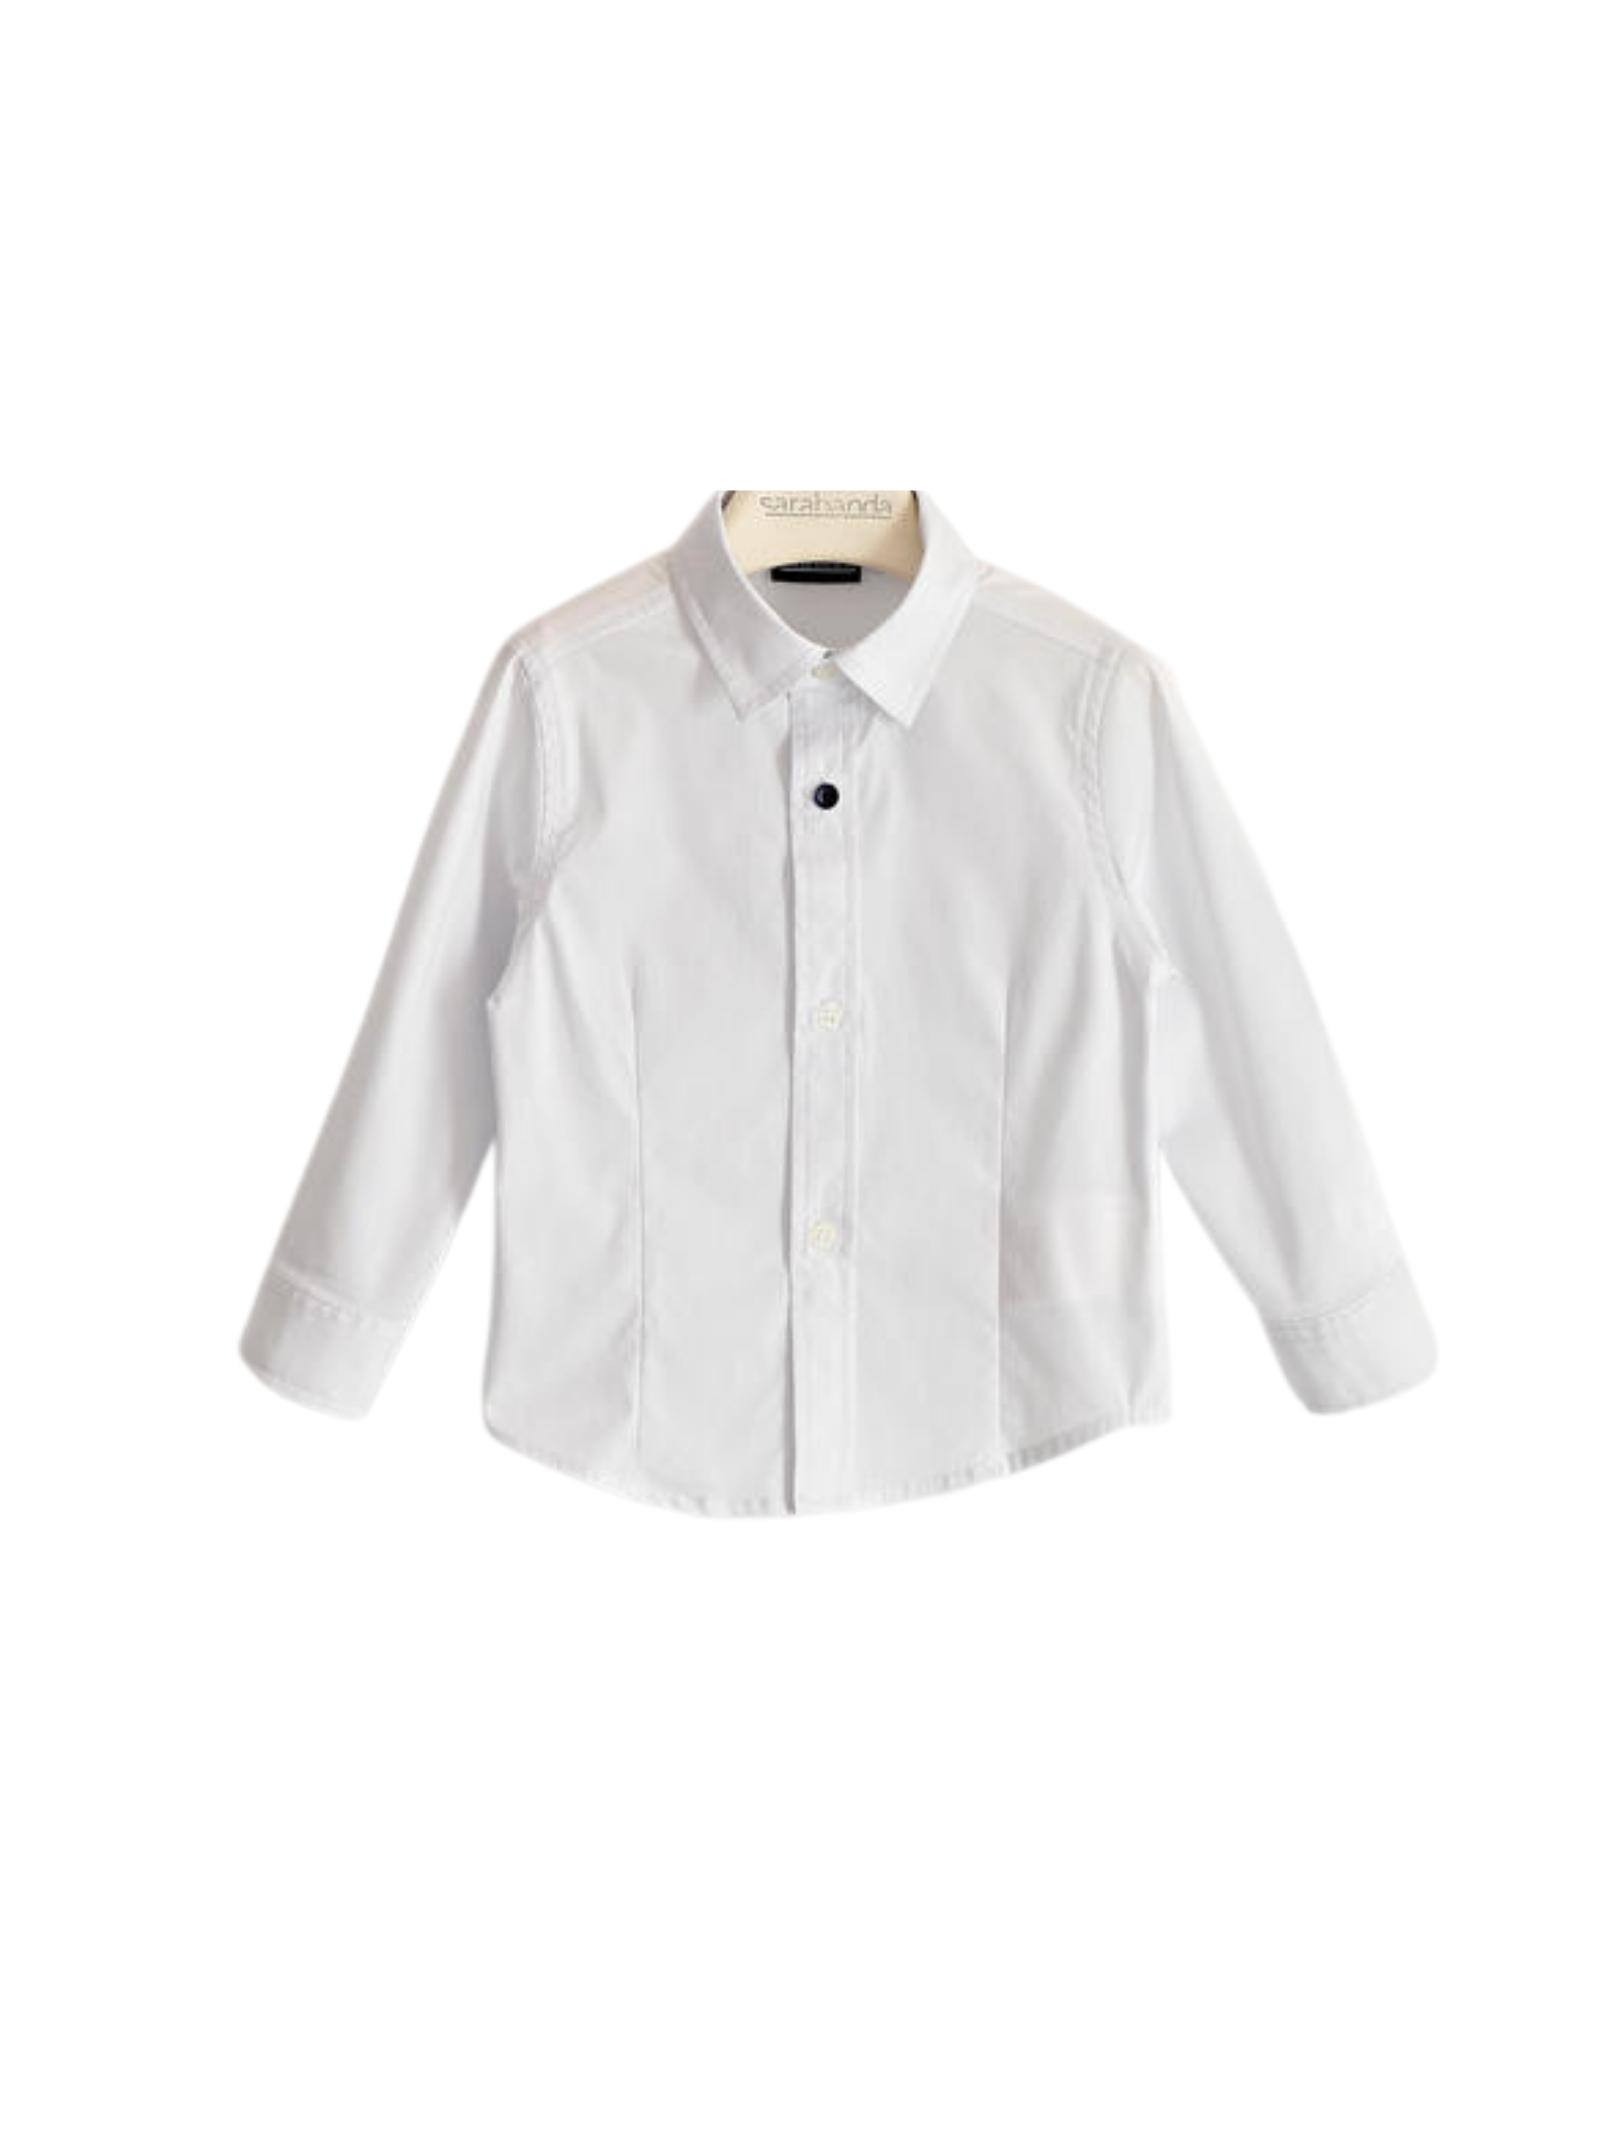 Classic Baby Shirt SARABANDA |  | 03110000113